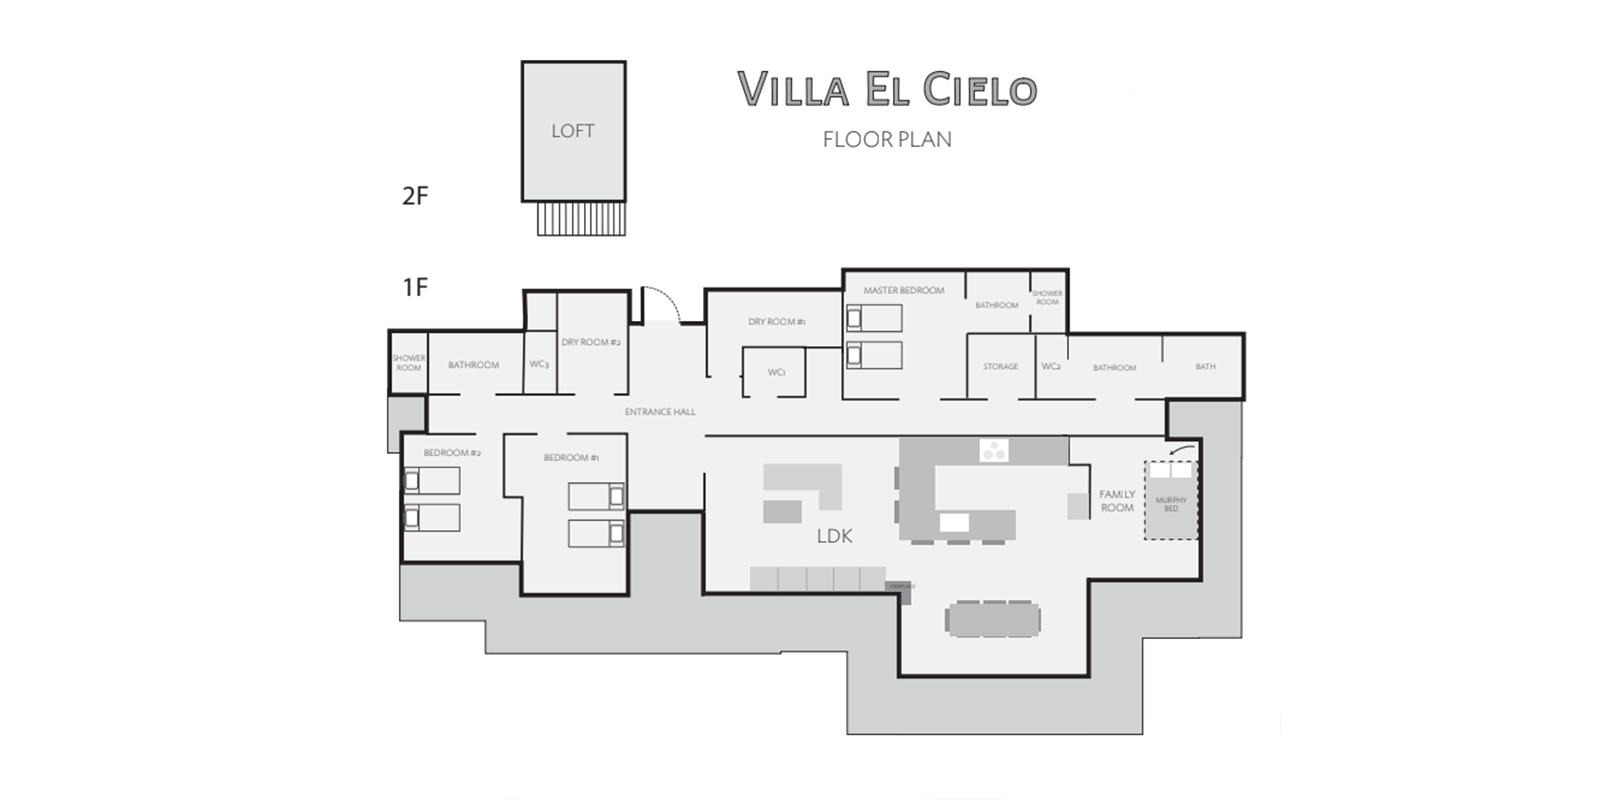 Villa El Cielo Floor Plan | Hakuba, Nagano